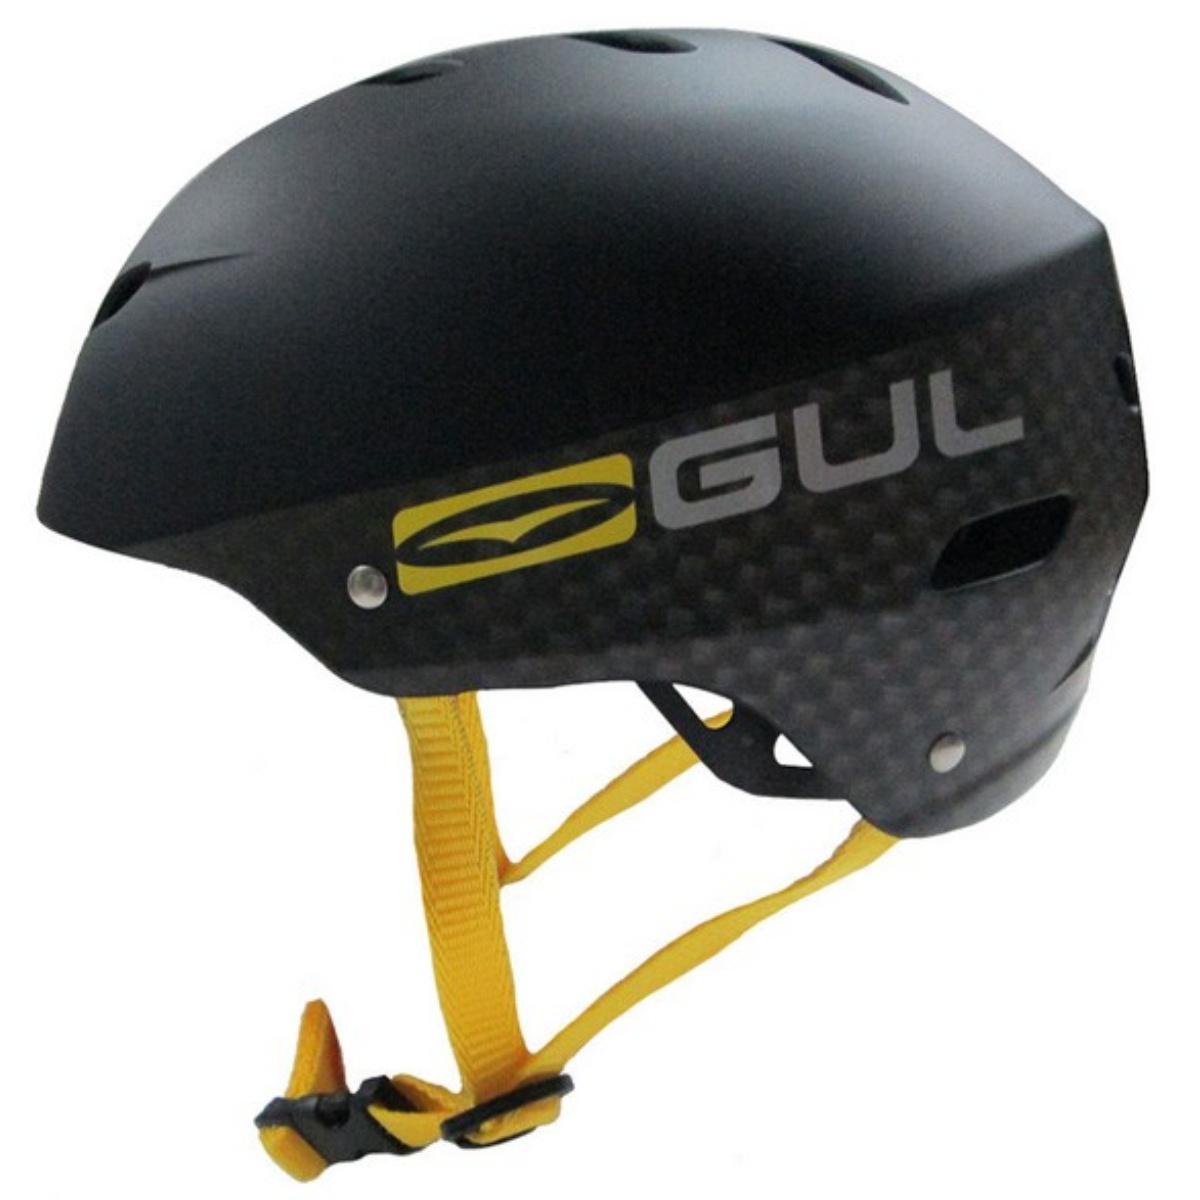 Helma GUL Evo 2 Helmet čierna - veľ. L